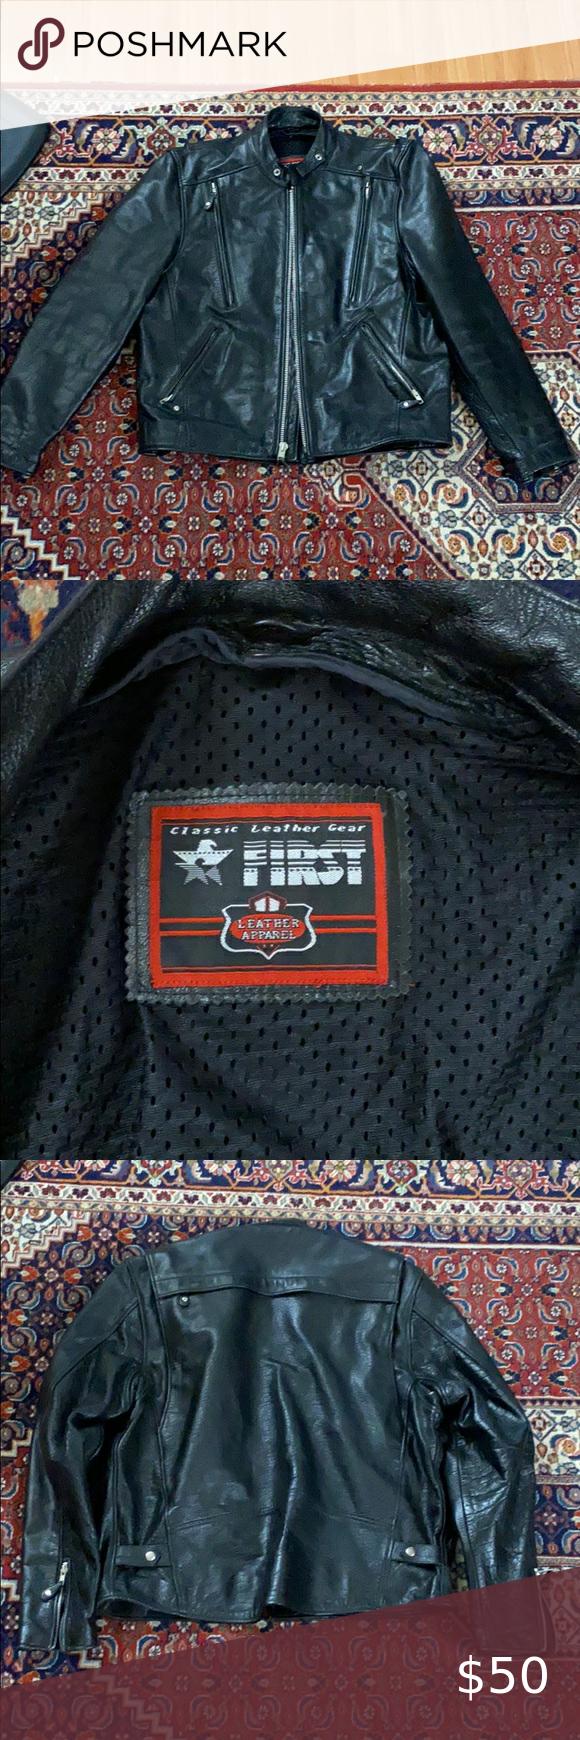 Motorcycle jacket in 2020 Black motorcycle jacket